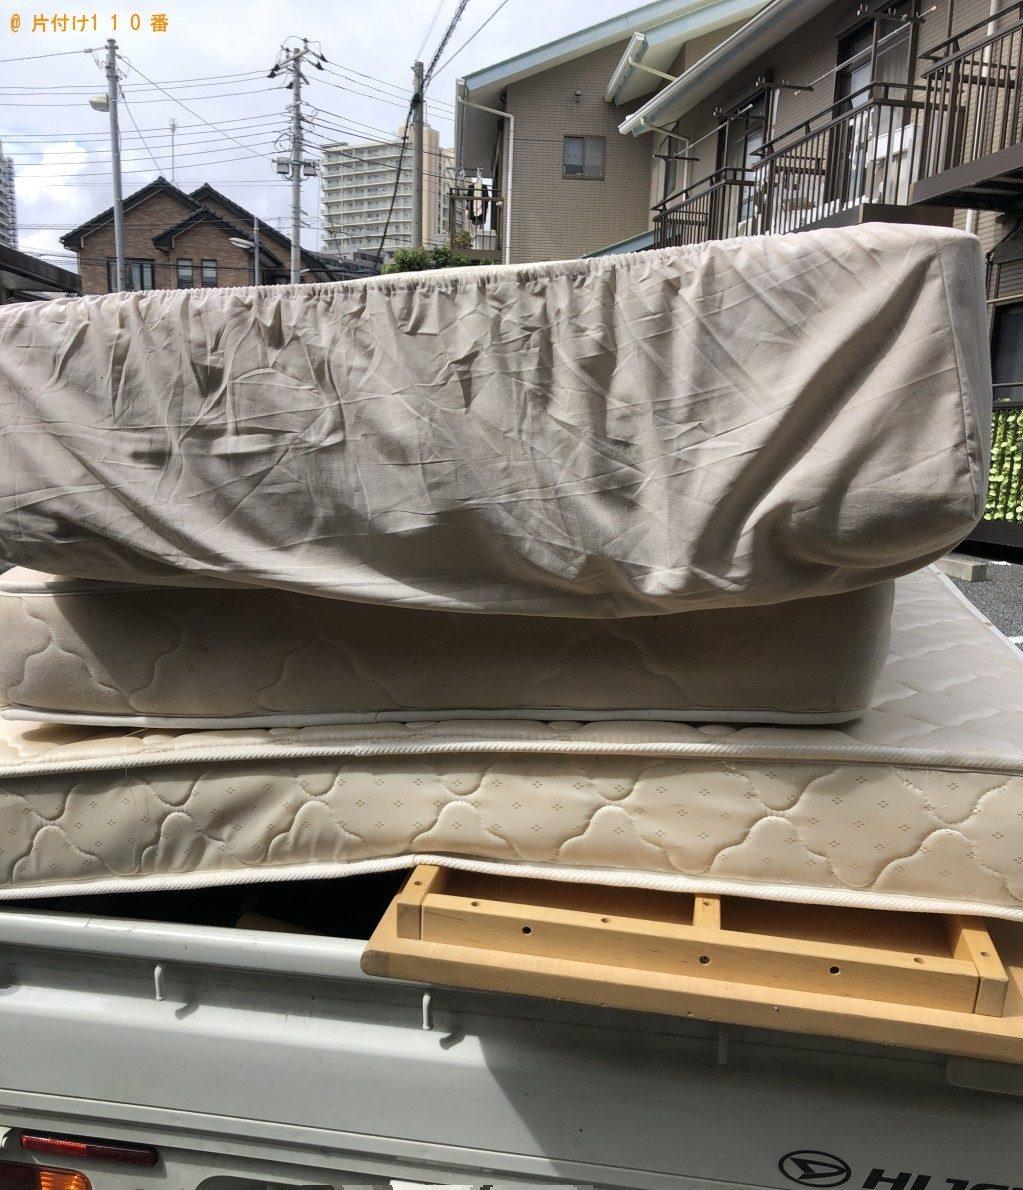 【船橋市本町】セミダブルベッドとセミダブルマットレスの回収・処分 お客様の声